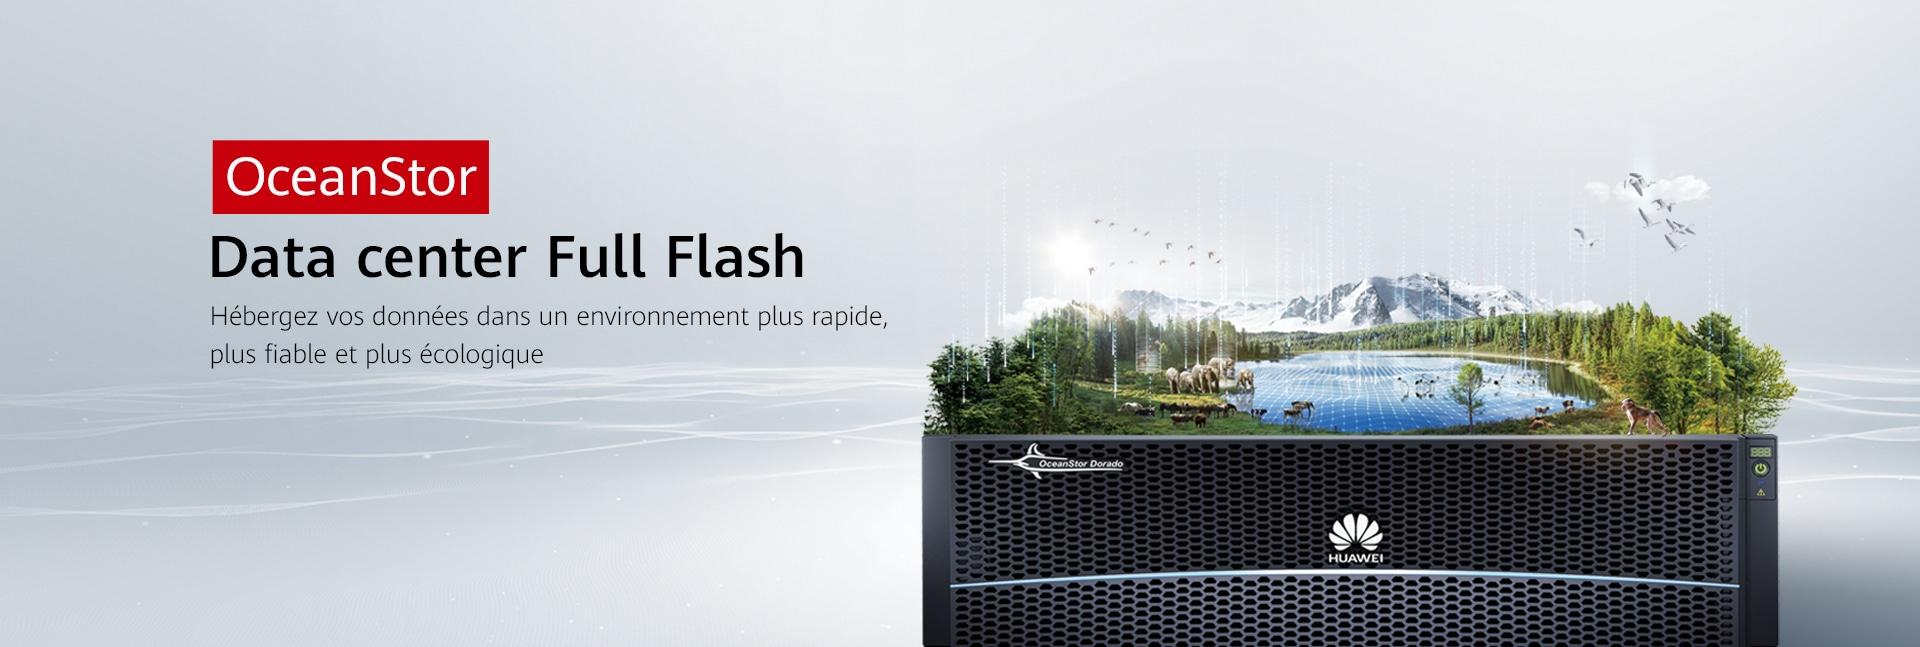 oceanstor full flash dc france pc